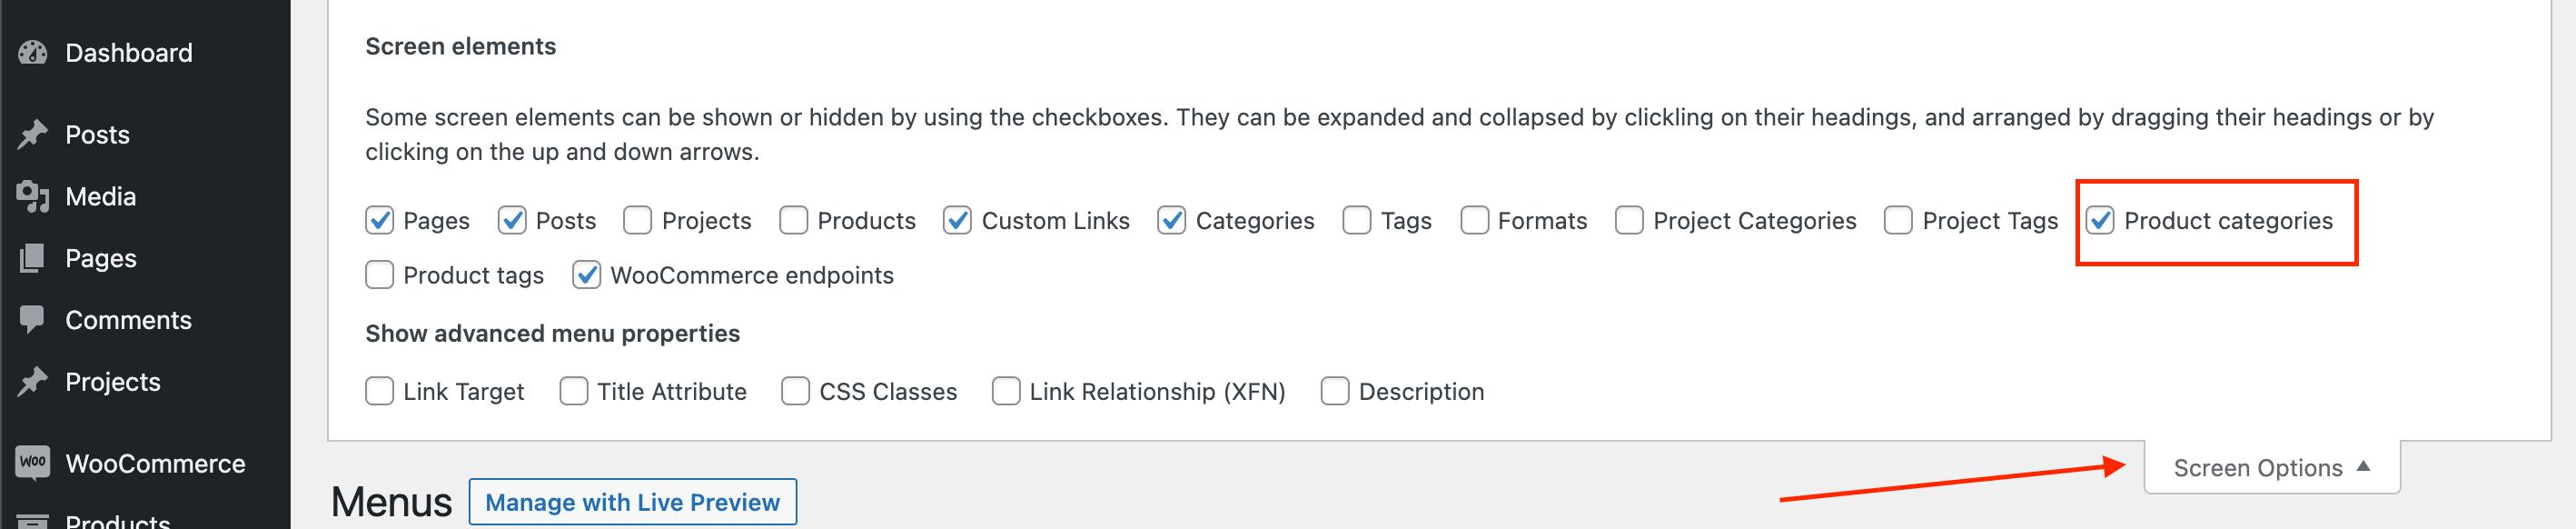 Display WooCommerce categories in the menu